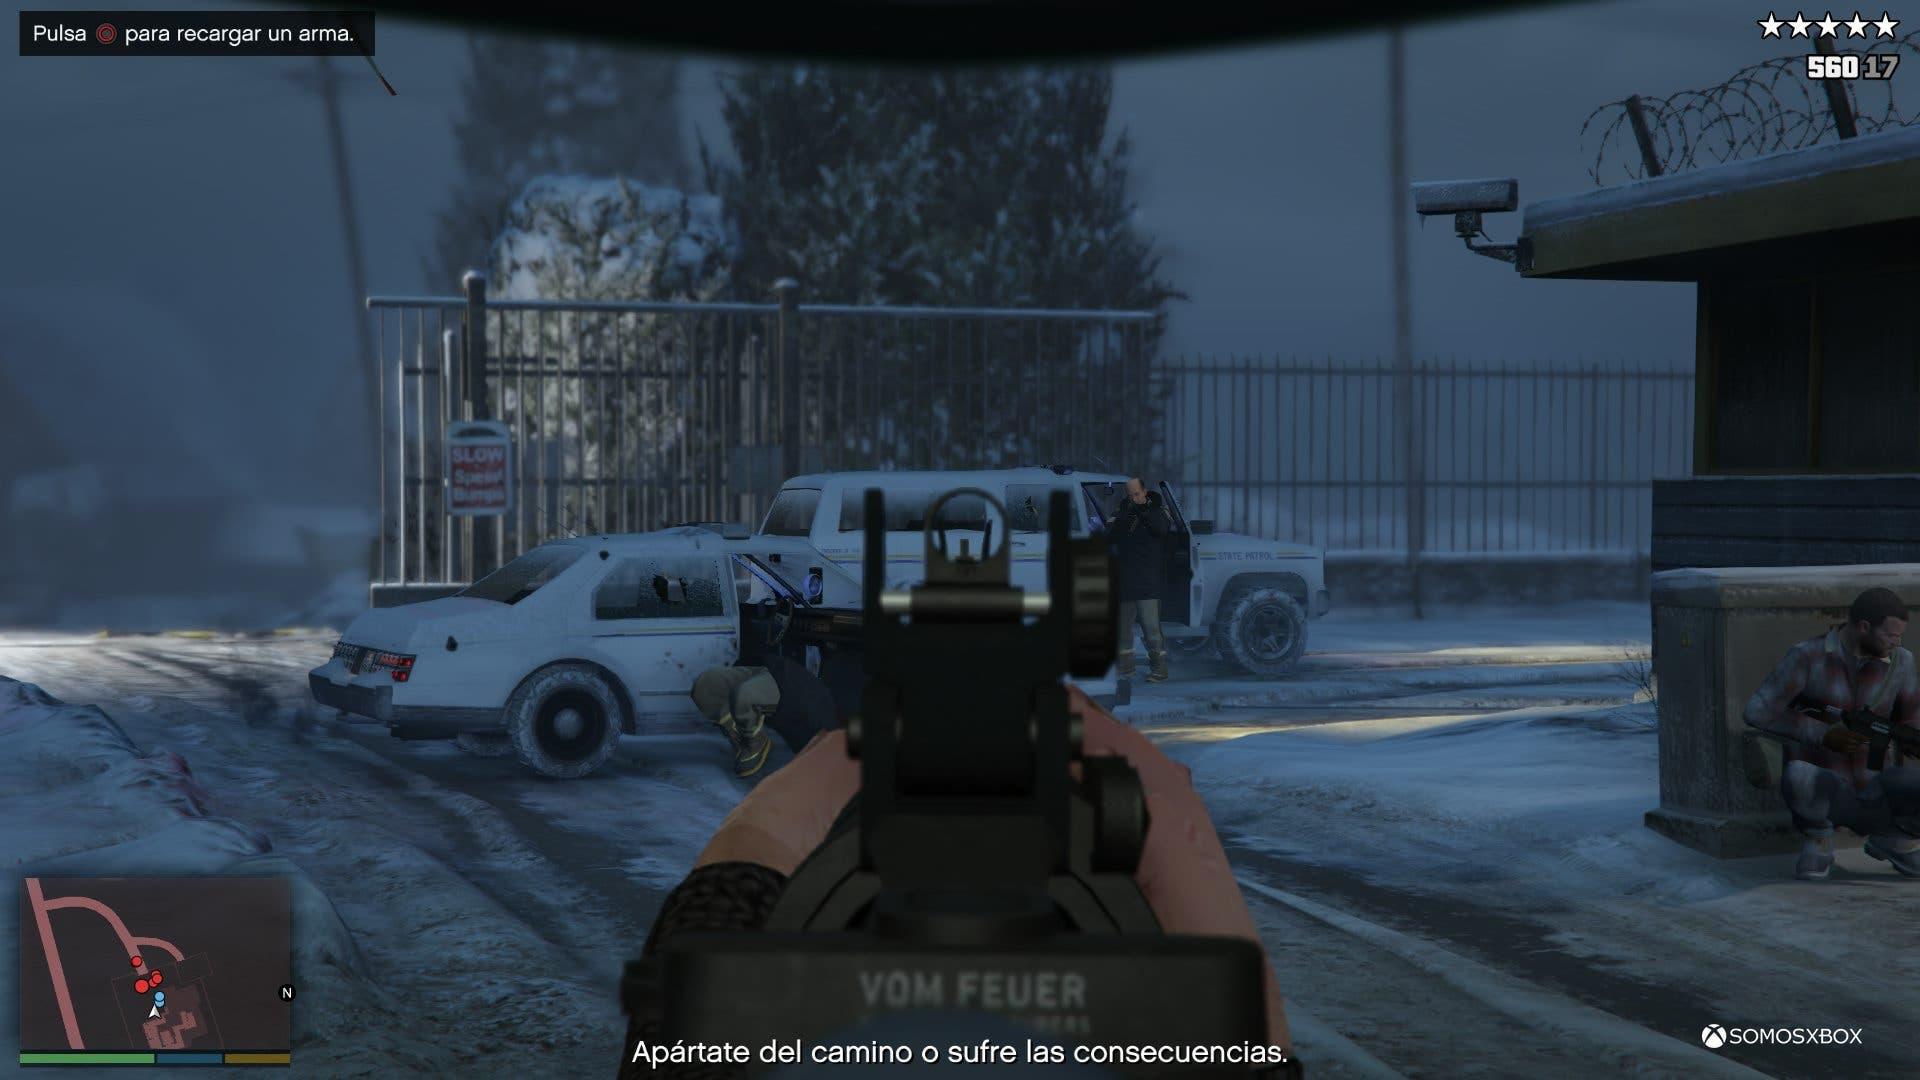 Análisis de Grand Theft Auto V 7